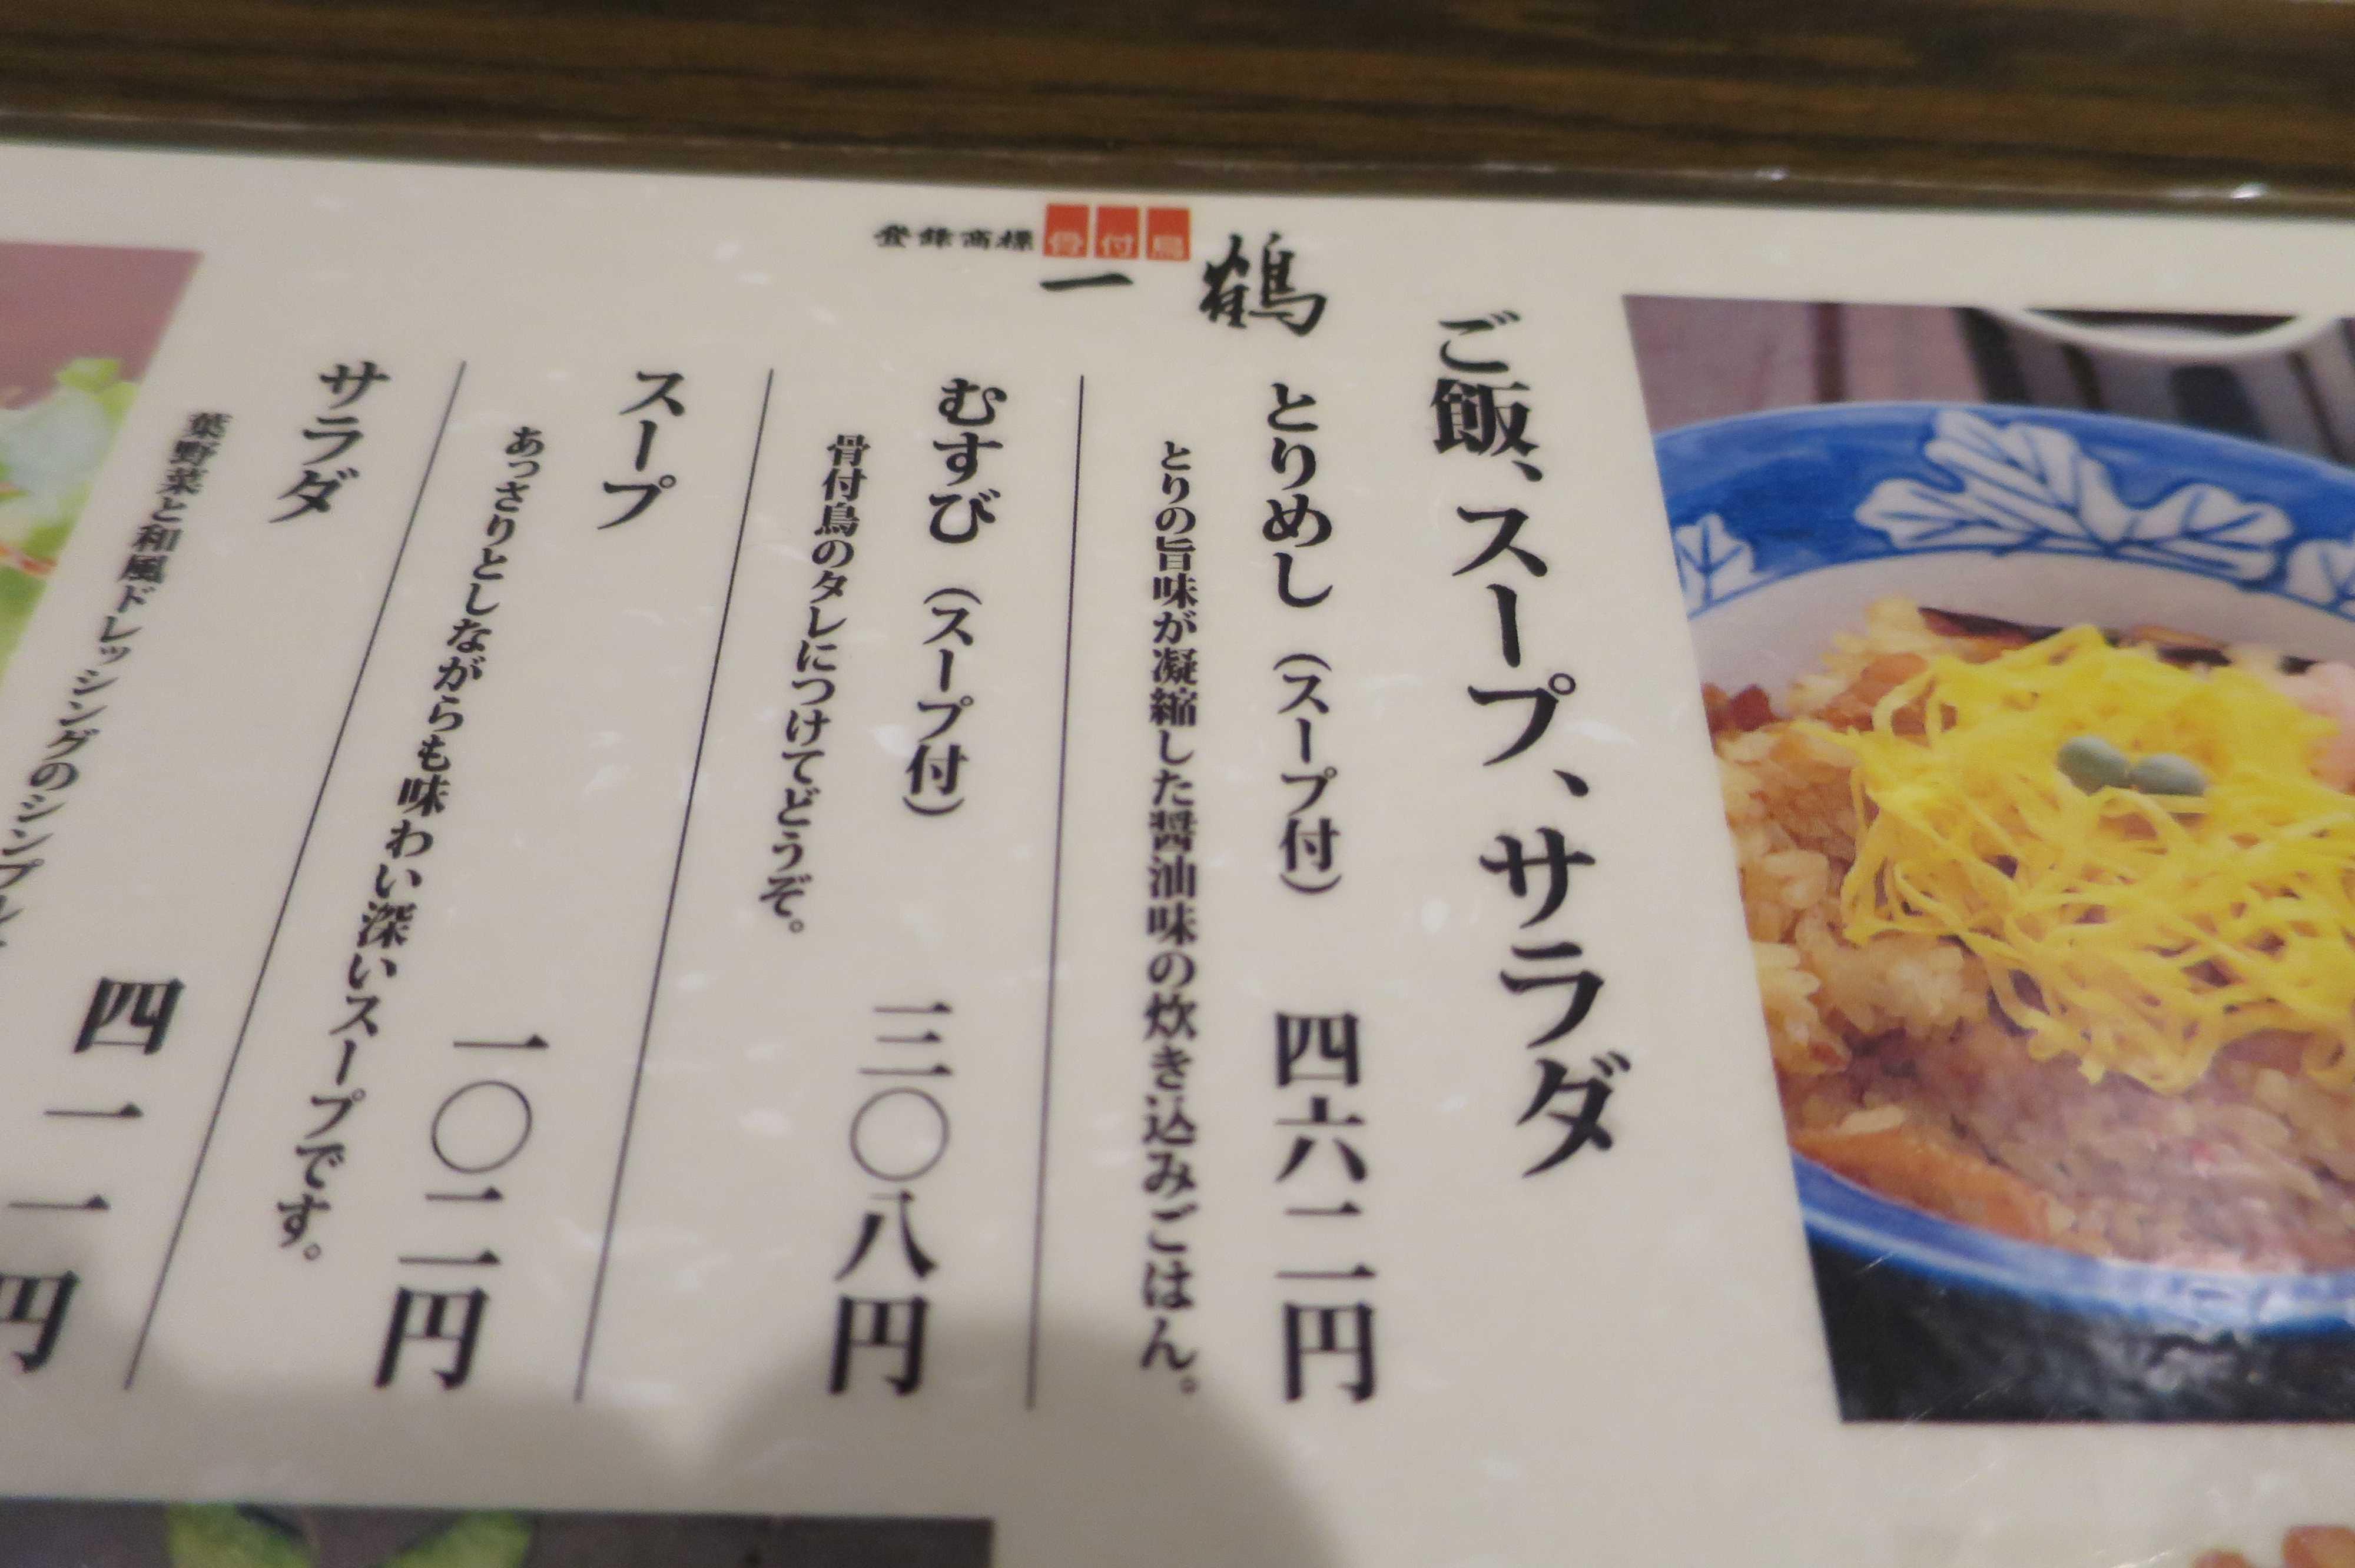 骨付鳥 一鶴のメニュー。とりめし/スープ付(462円)